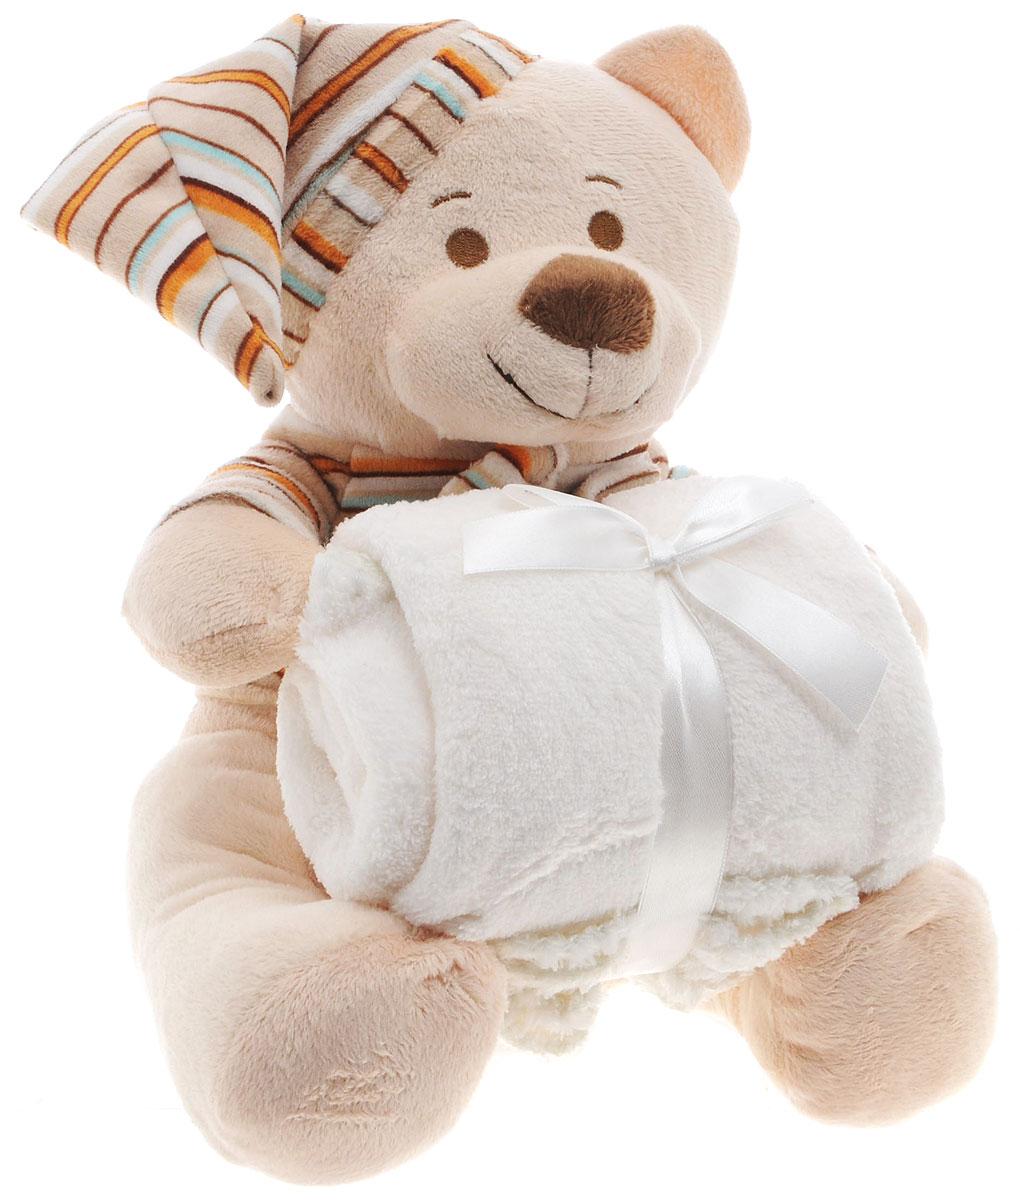 Arya Плед детский Lovely Bear с игрушкой 75 см х 75 смF0008176Плед Arya создан из микрофибры, украшен вышивкой и аппликацией. Микрофибра - это материал высочайшего качества, изготовленный из сложных микроволокон, который по ощущениям напоминает велюр и является невероятно мягким. Ткань из микрофибры - дышащая, очень устойчивая к загрязнениям и пятнам. Долго сохраняет свой высококачественный внешний вид и мягкость. Легко стирается и быстро сохнет! Дополняющая набор игрушка медвежонка станет лучшим другом малыша перед сном. Радостные аппликации и вышивка создадут уютный дизайн в детской. Компания Arya - производитель пледа, является признанным турецким лидером на рынке постельных принадлежностей и текстиля для дома. Поэтому вы можете быть уверены, что приобретенные текстильные изделия доставят вам и вашим близким удовольствие.